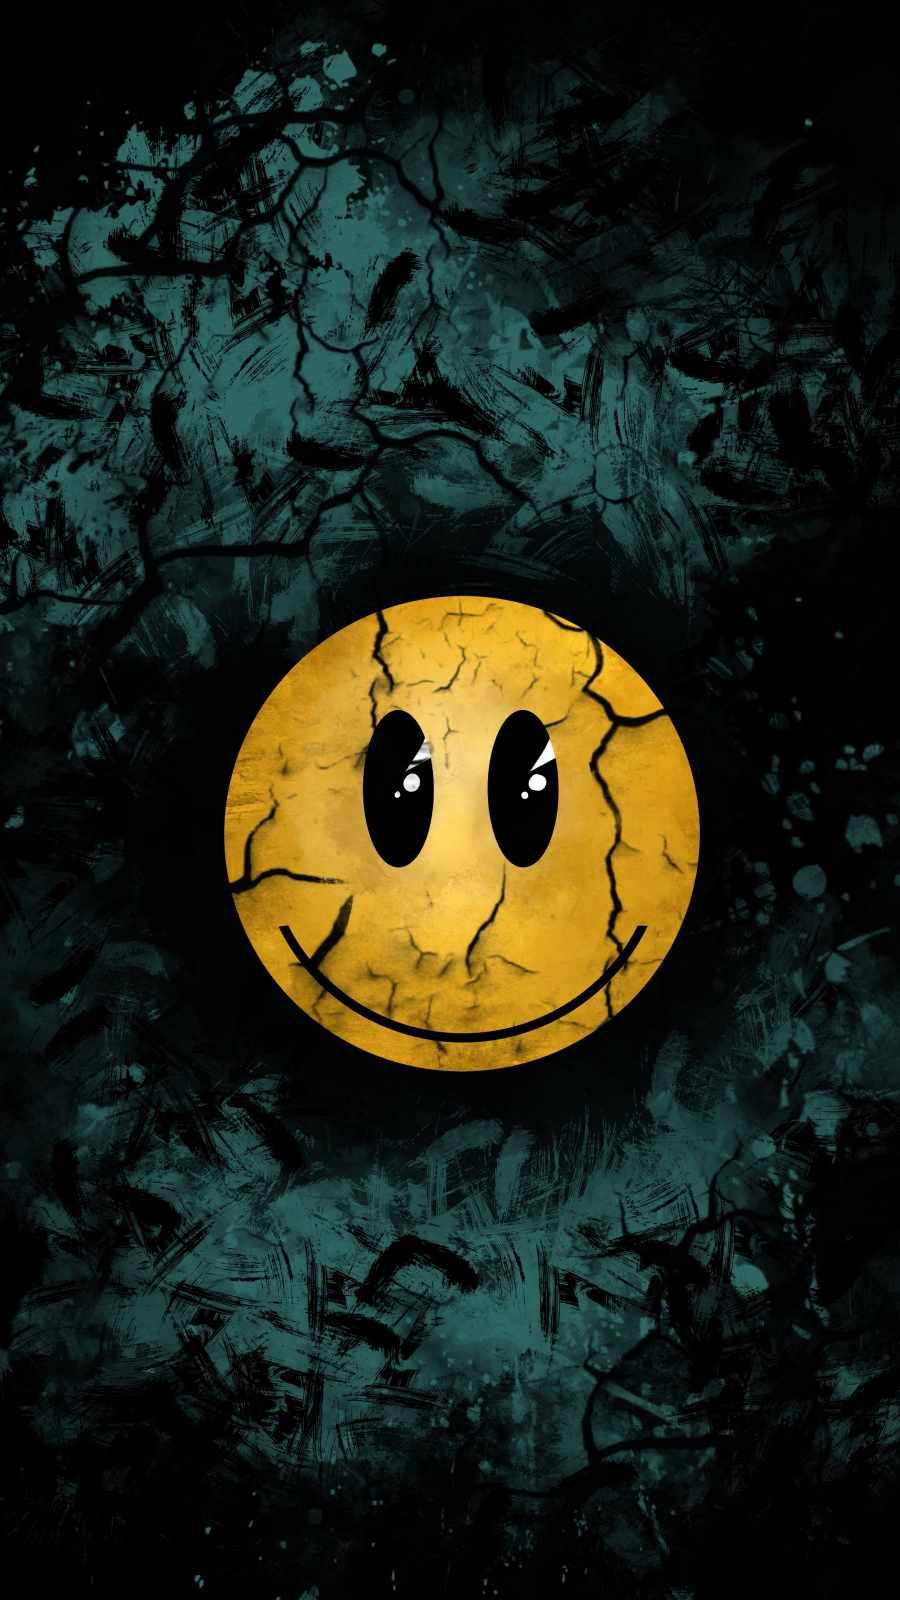 Broken Smile IPhone Wallpaper - IPhone Wallpapers